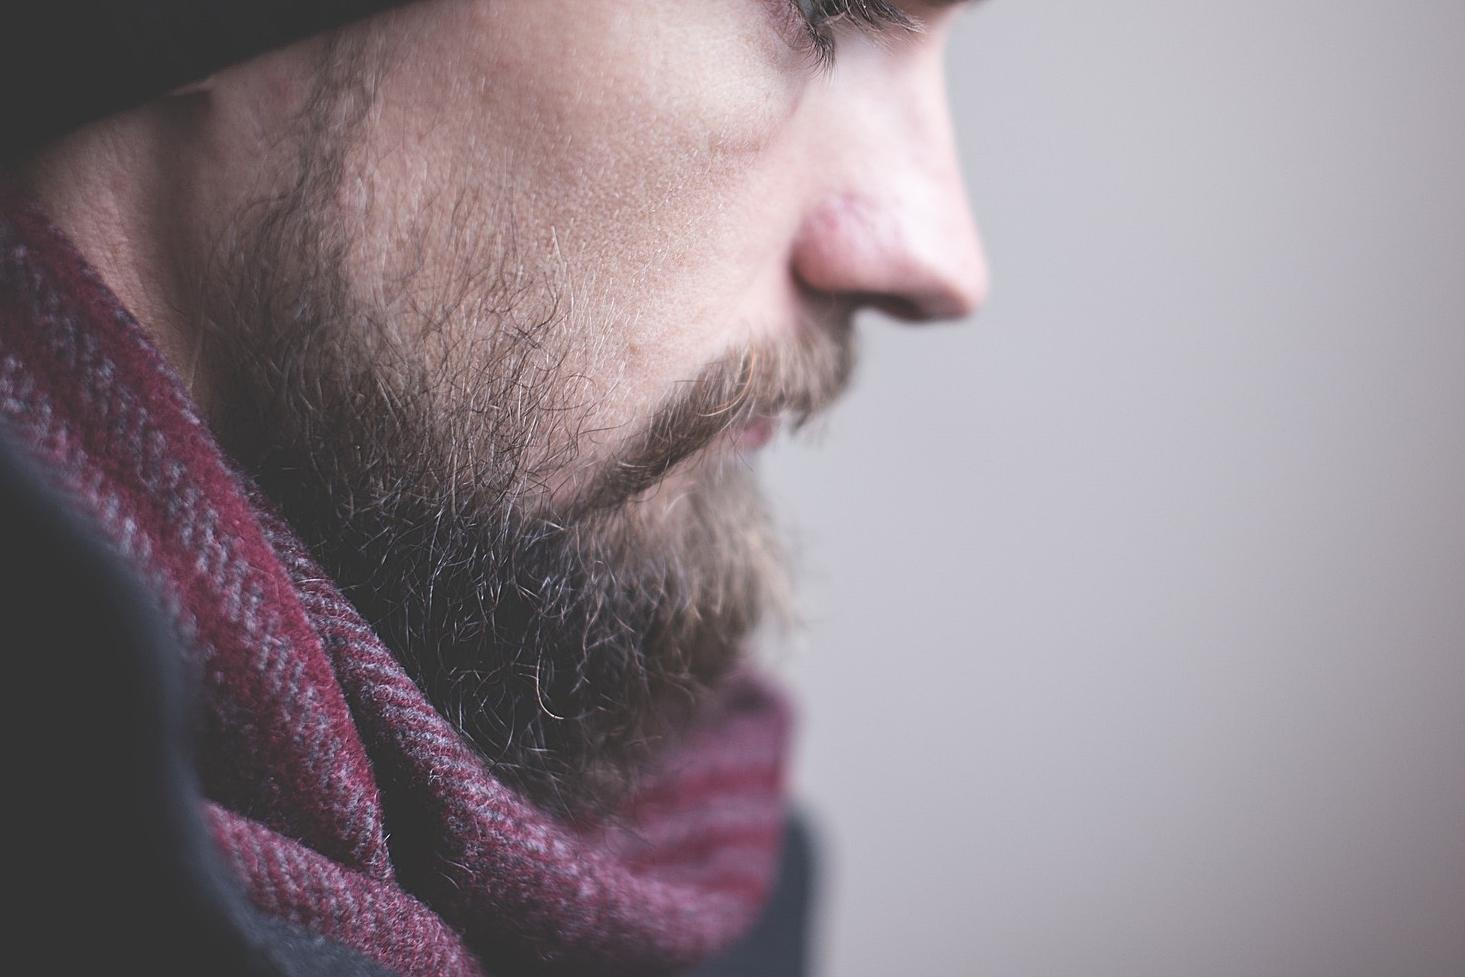 Serial Fikih (8): Apa Saja Yang Disebut Dengan Jenggot Sehingga Tidak Boleh Dipotong